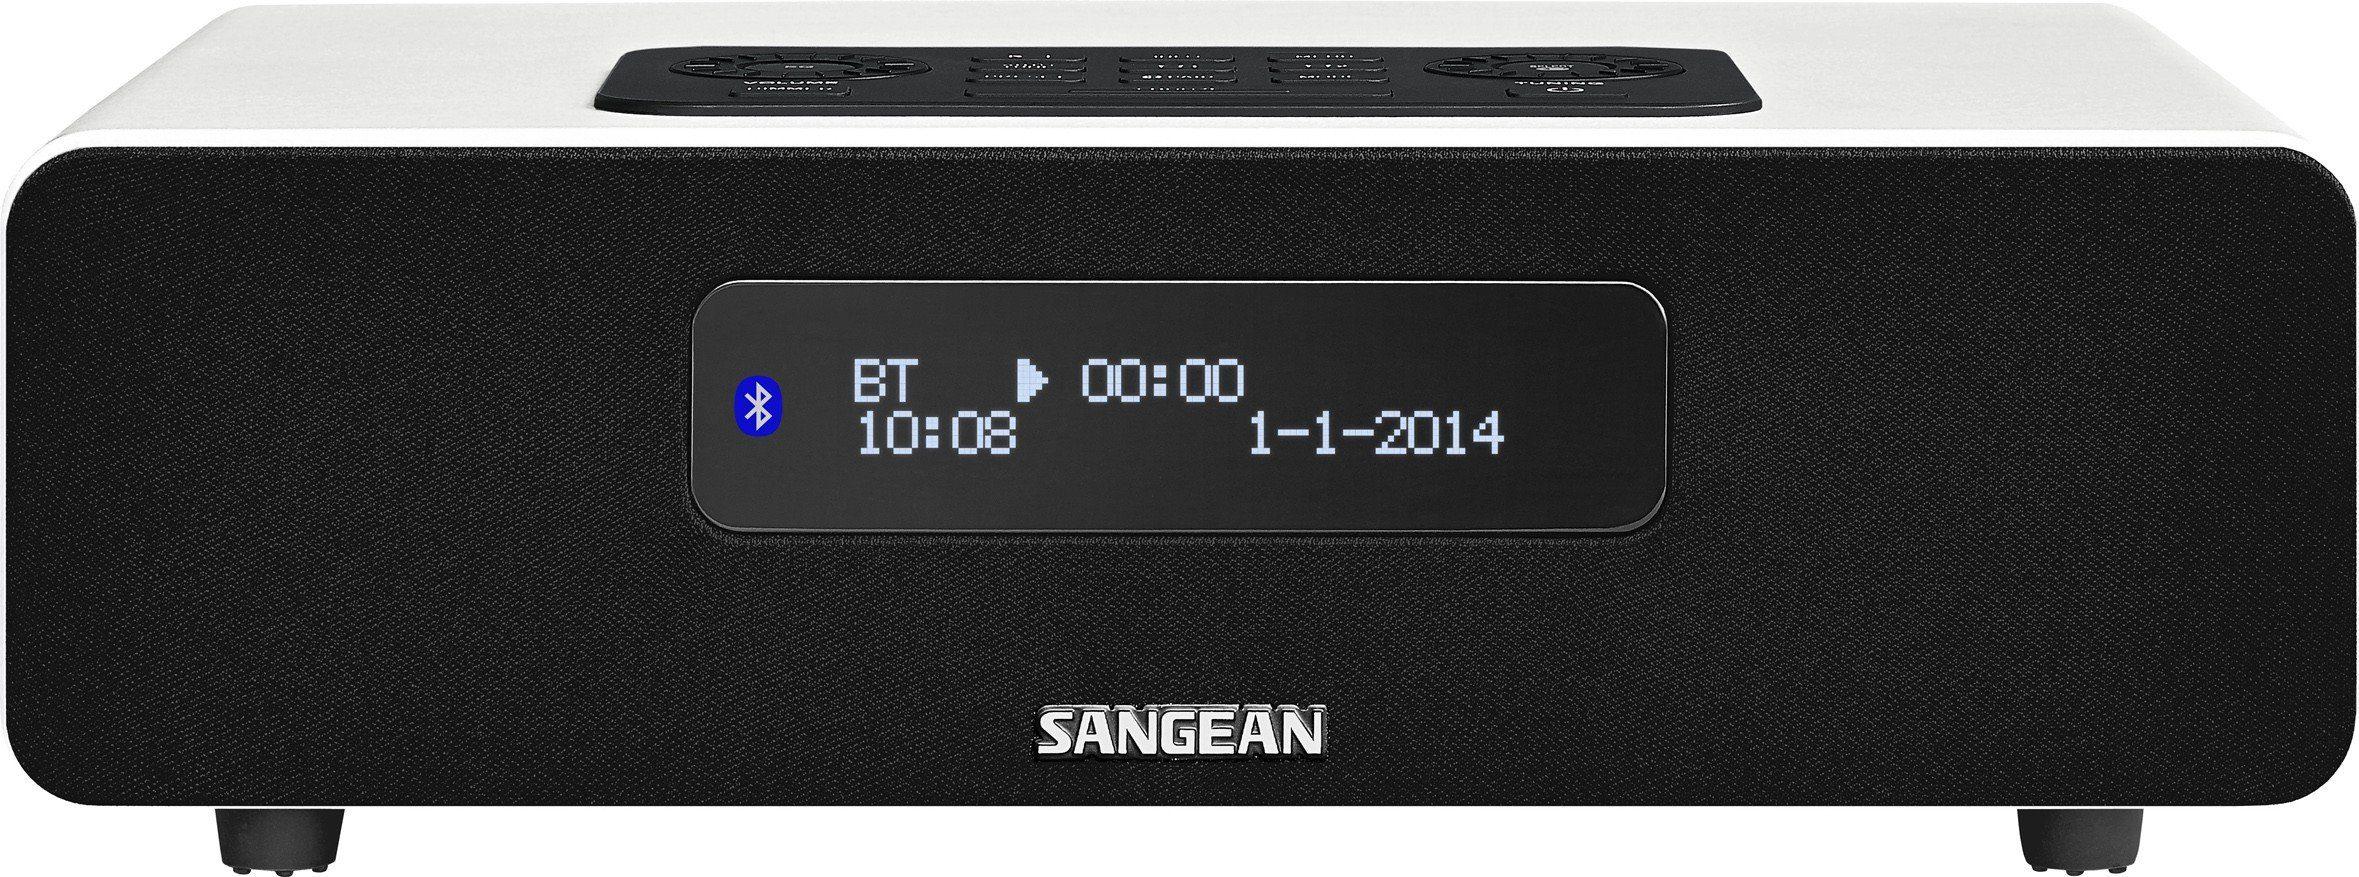 Sangean digitales Tischradio (DAB+/UKW, Bluetooth, Dual-Alarm, AUX-In) »DDR-36 weiß«